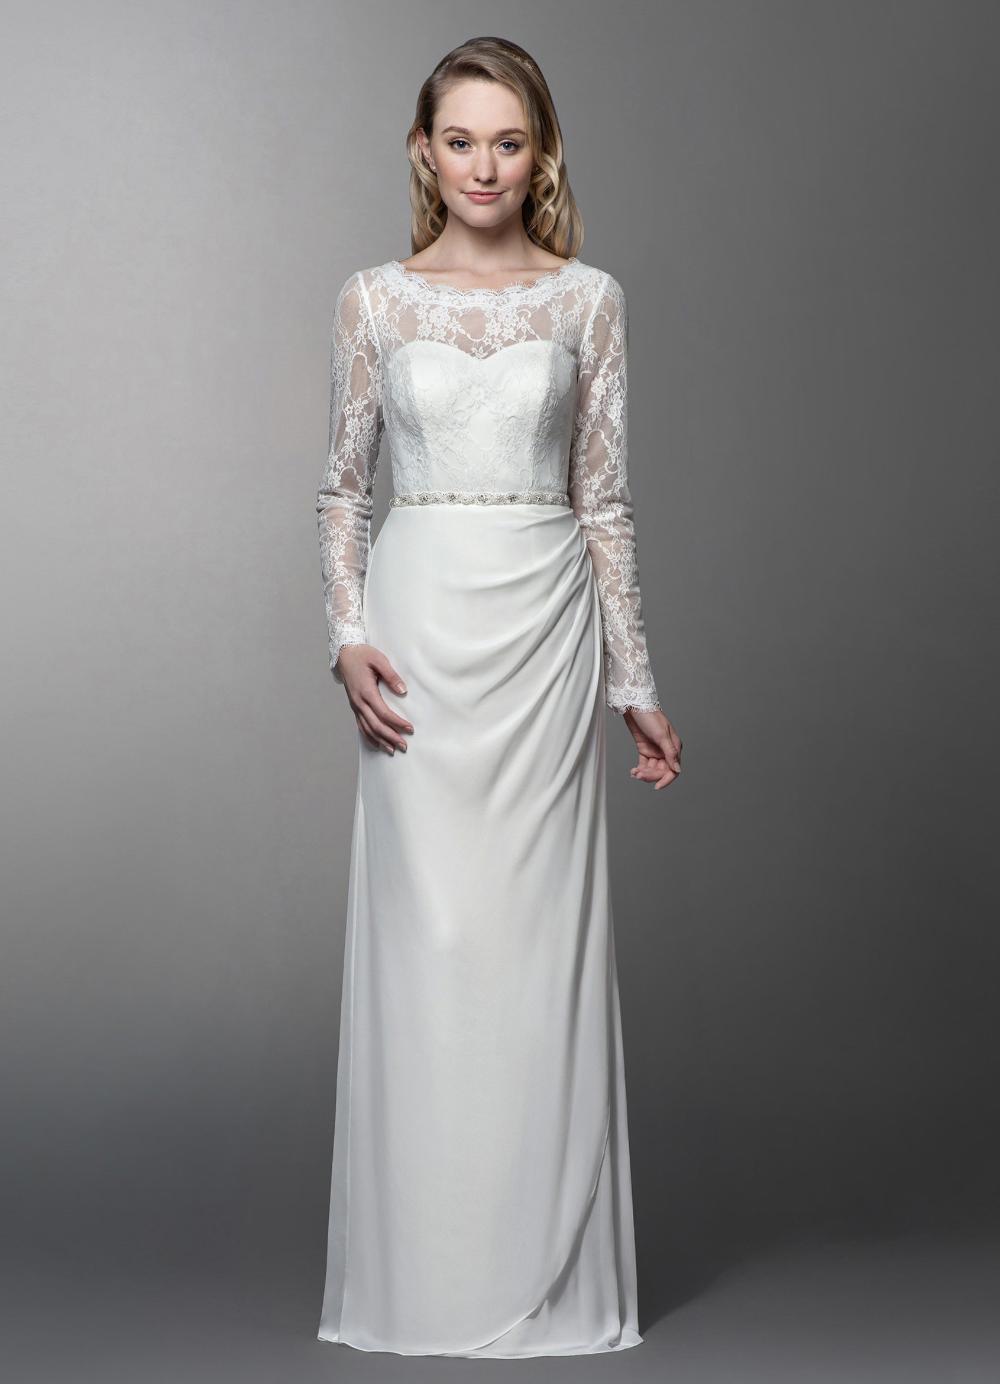 Tadashi Shoji Ivory Sleeveless Sequined Embellished Gown